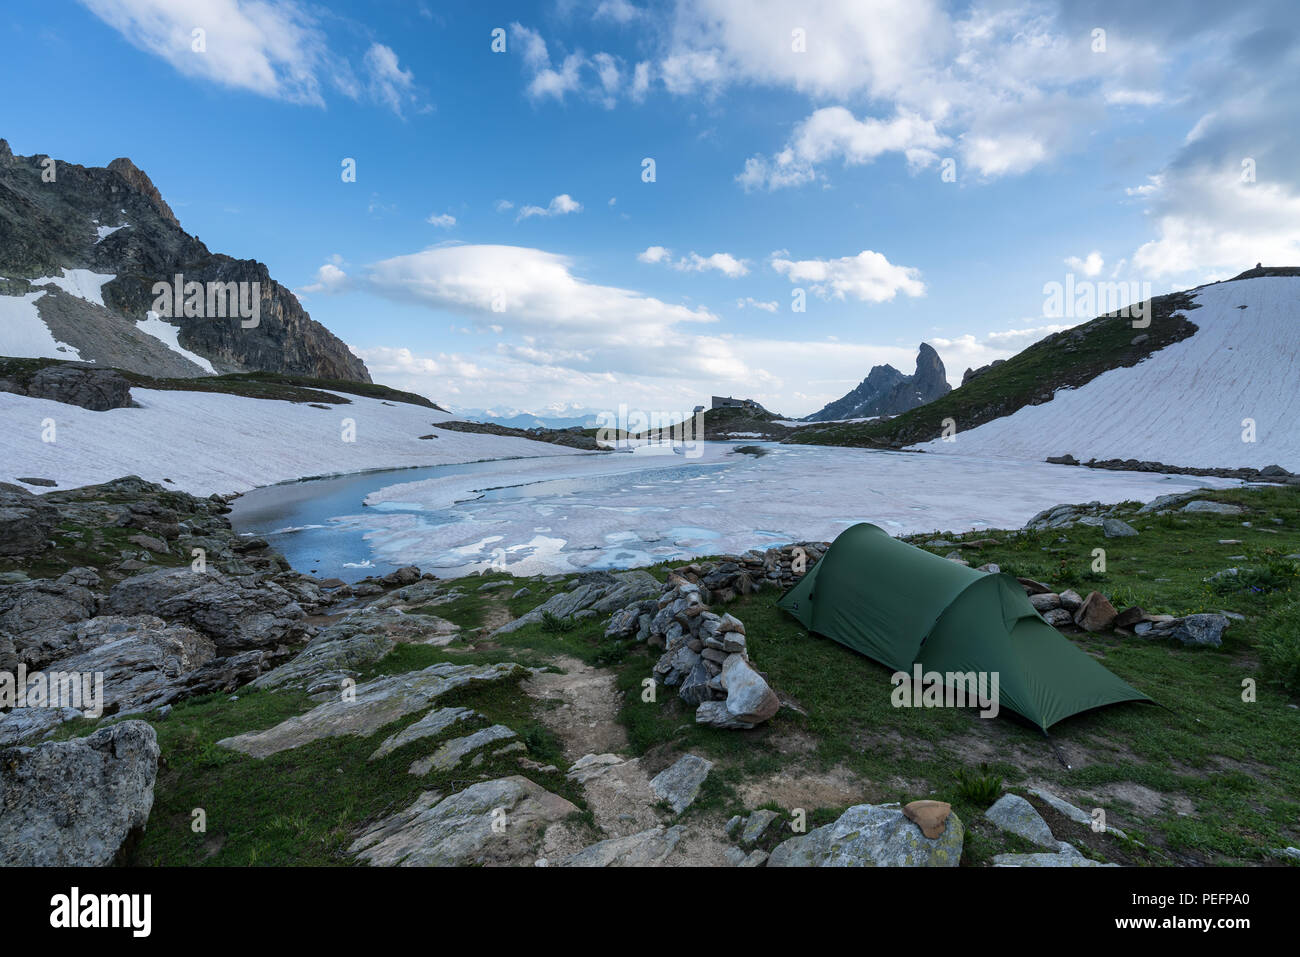 At Lac de Presset lake, Rhône-Alpes, France, Europe, EU - Stock Image